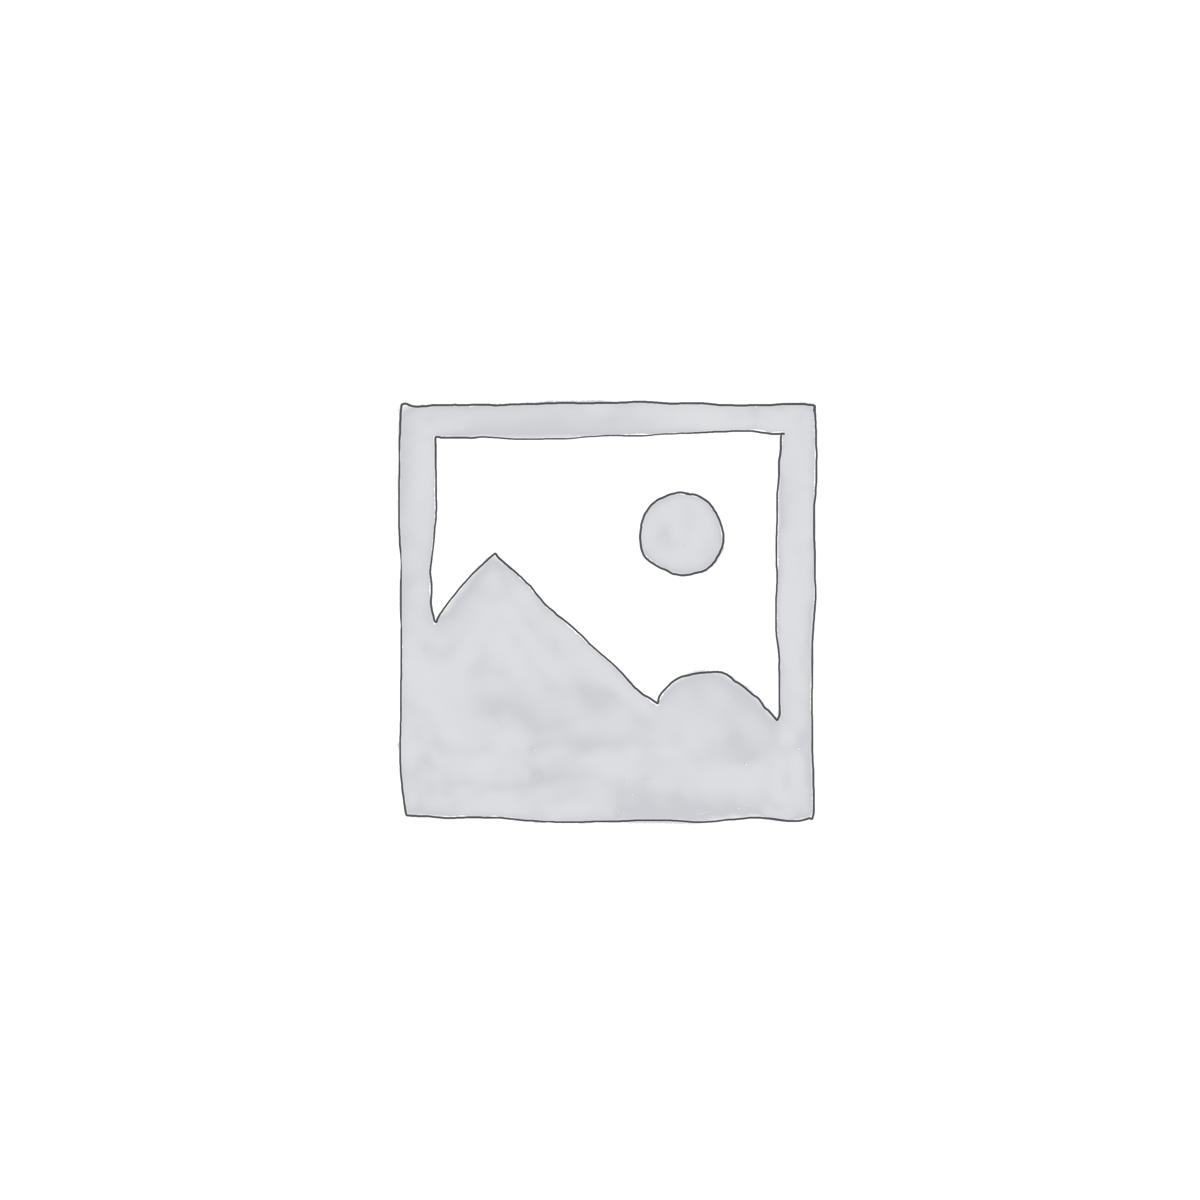 Filtri Sfiato (vent filter)